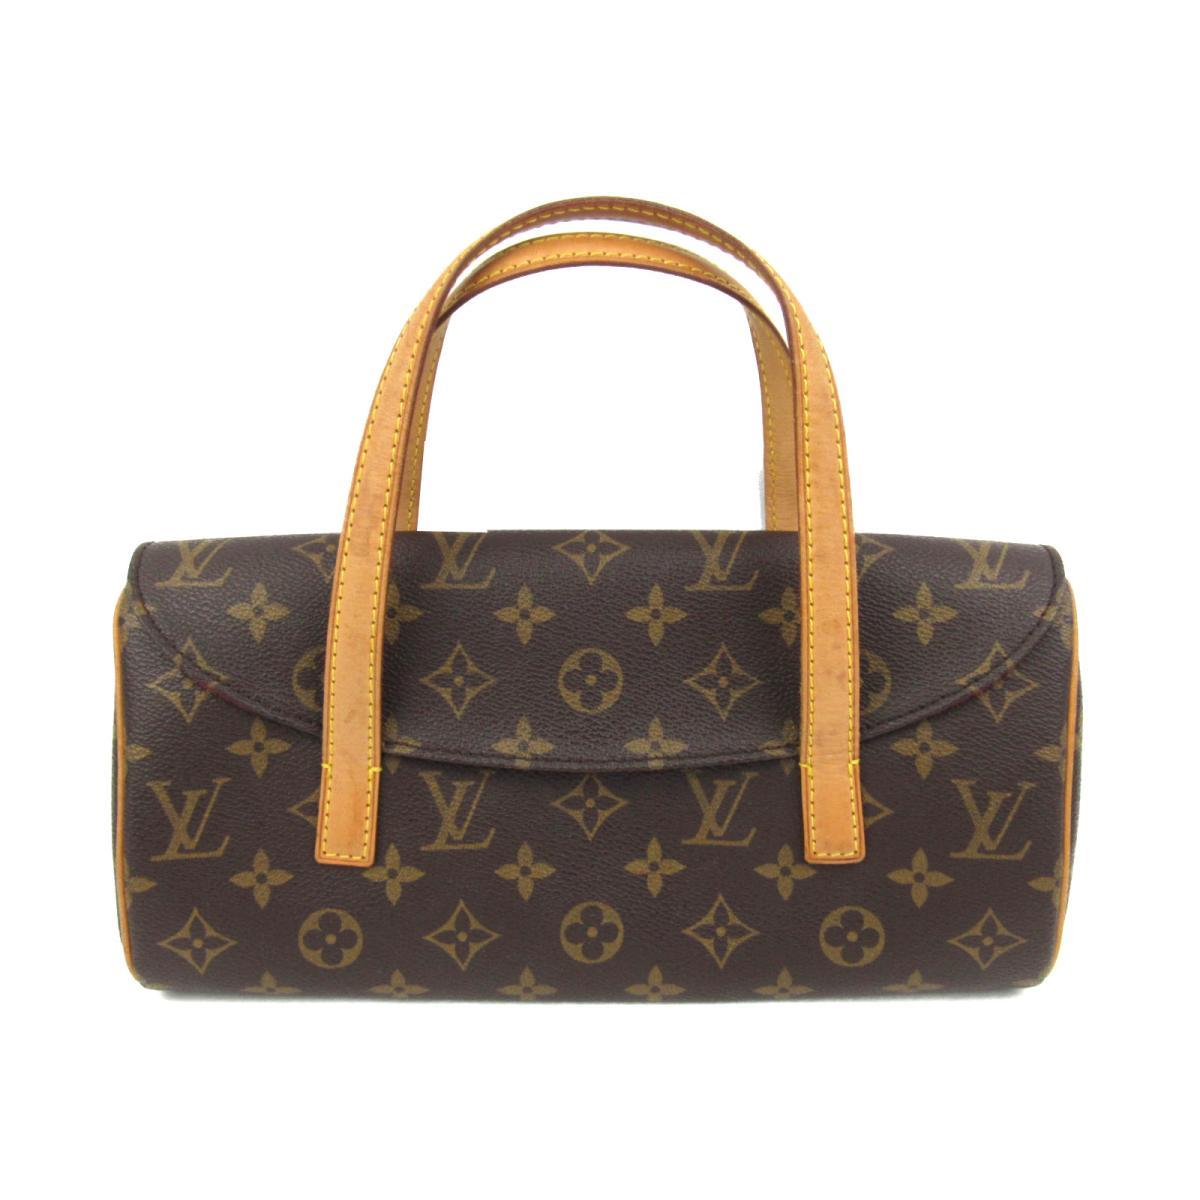 da59b1182ad3 鞄 BAG バック バッグ ハンドバック ルイ・ヴィトン ビトン ヴィトン ...